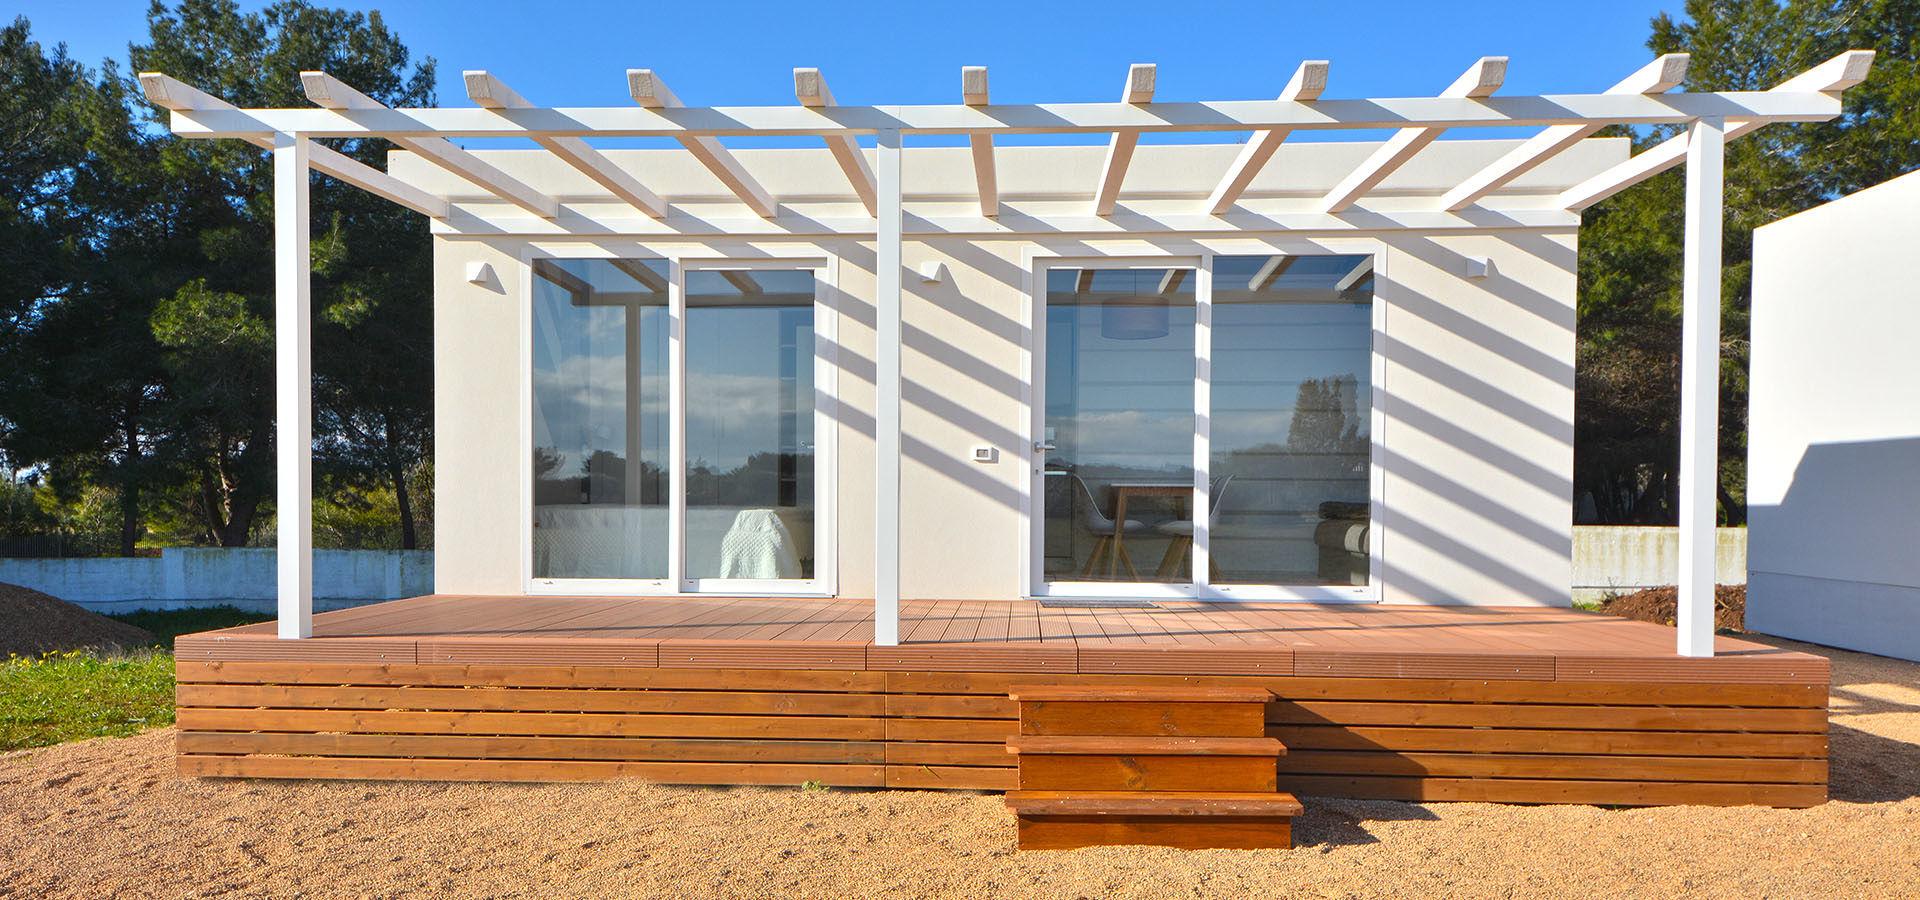 Casas móviles de diseño funcional